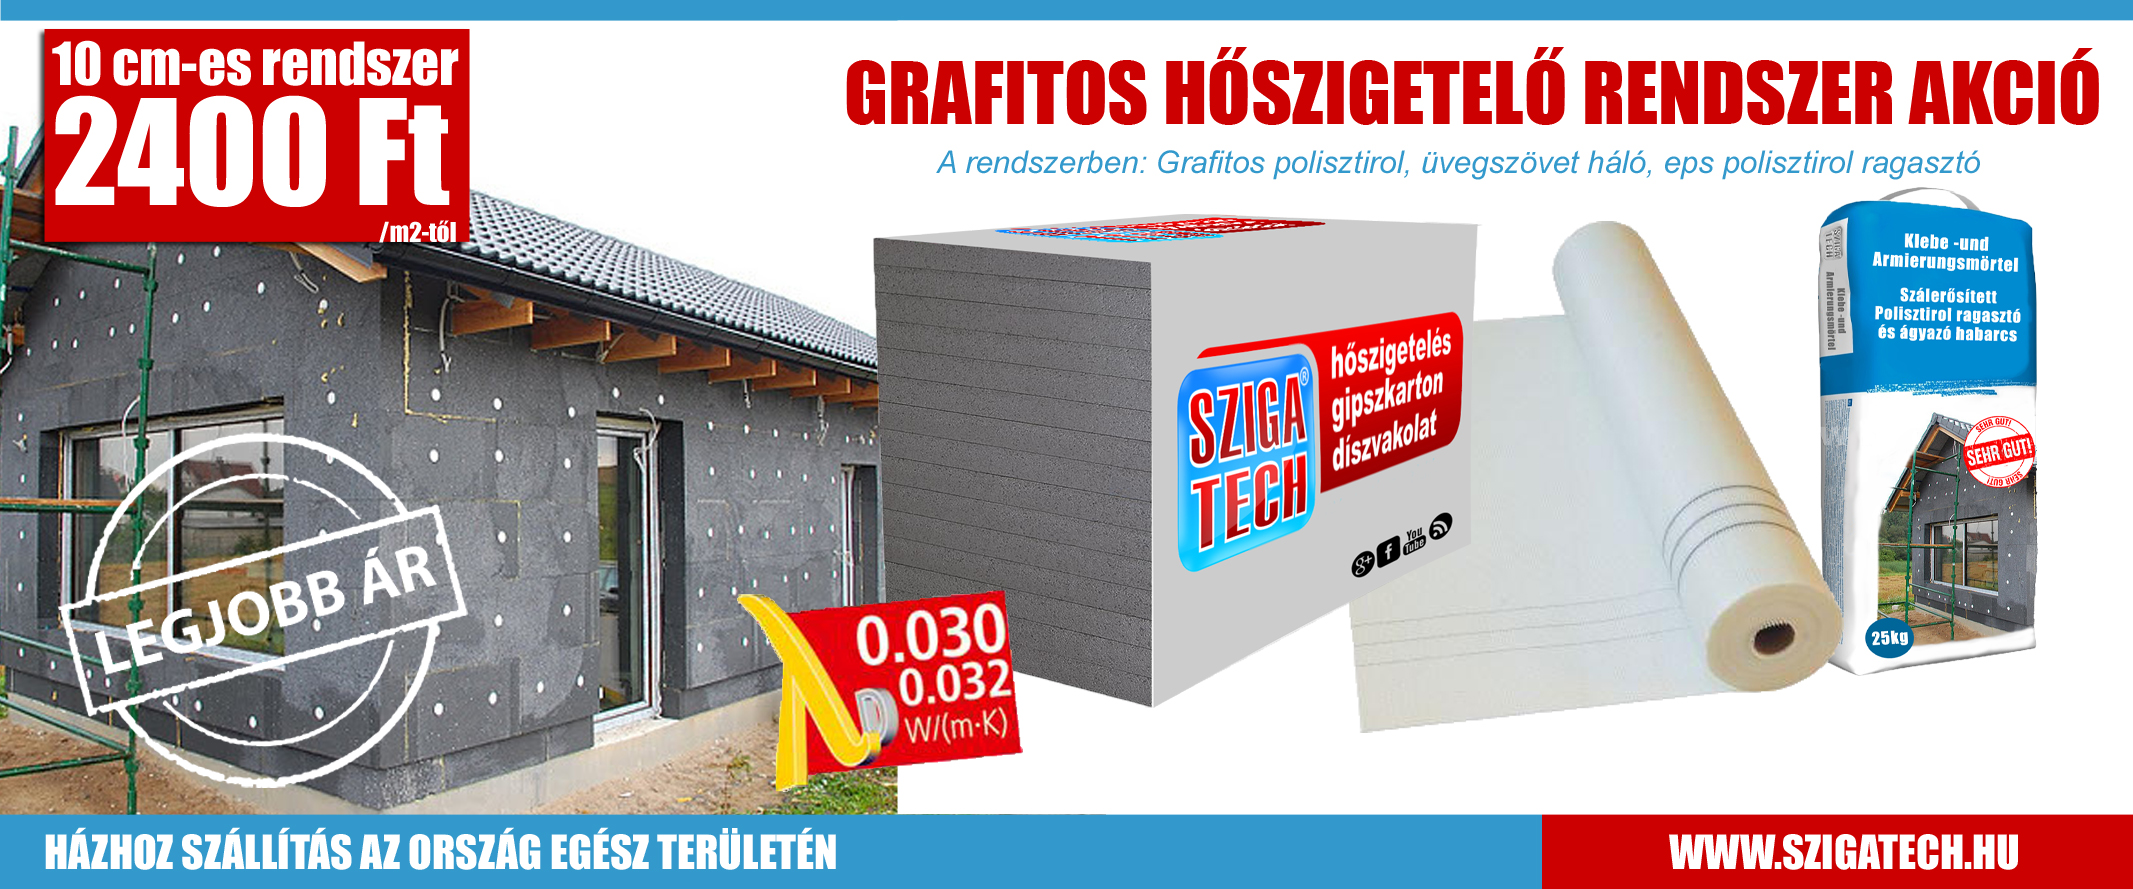 olcso-grafitos-hőszigetelő-rendszer-akció-2019-07-25